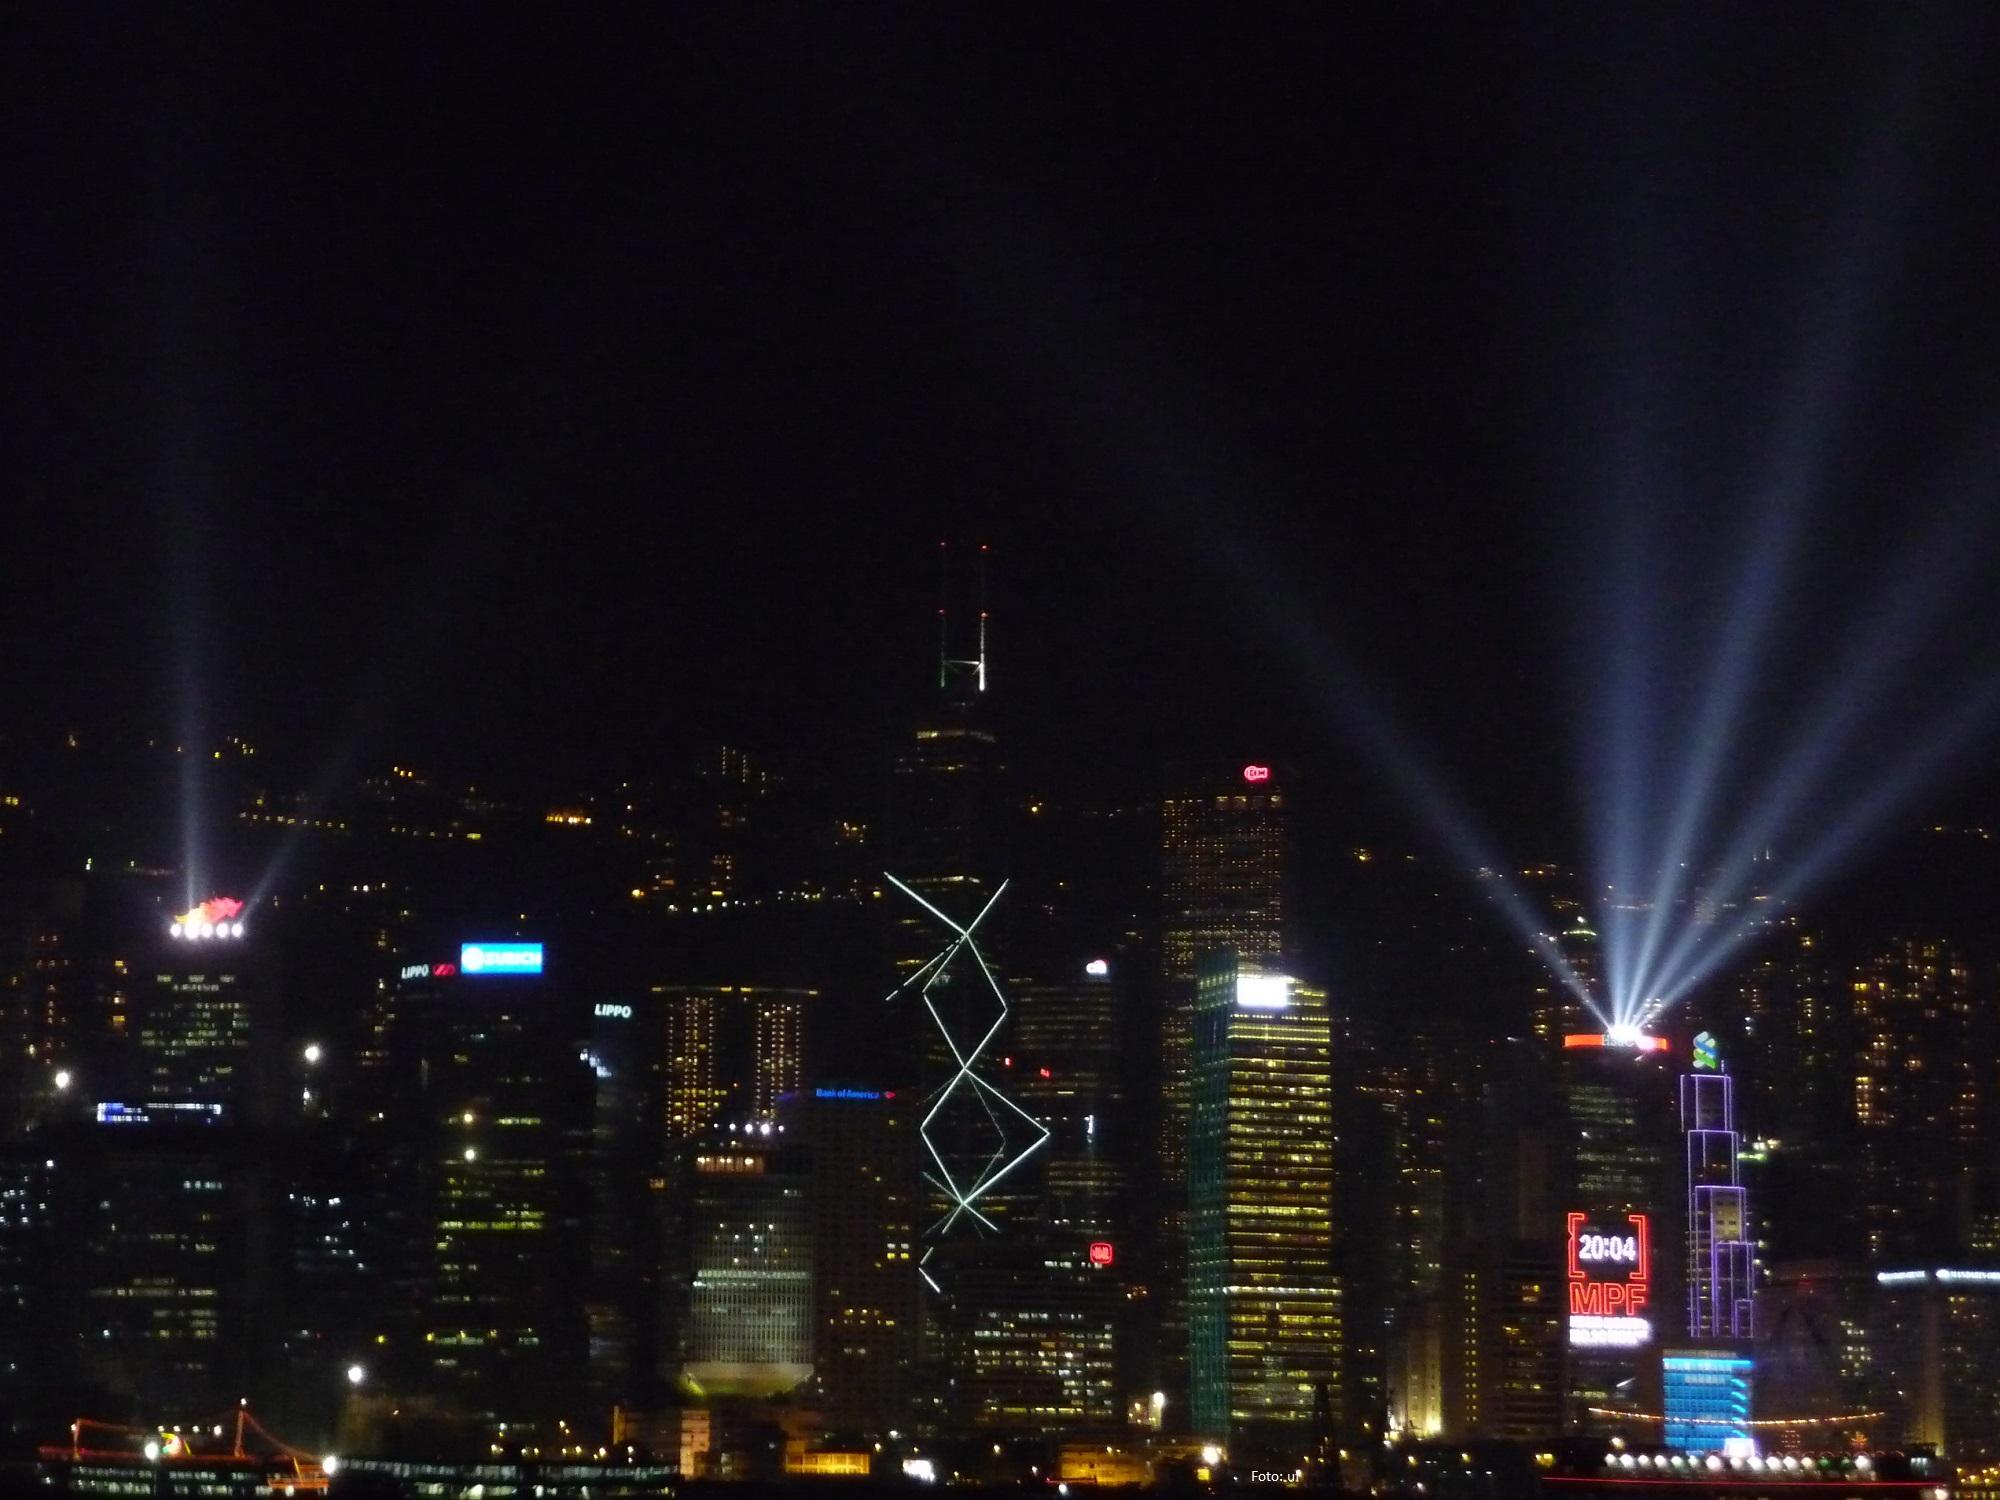 Blick nach Hong Kong Island - die Lichtershow findet allerdings auch auf der Kowloonischen Seite statt - am besten man fährt auf den Peak um das ganze Spektakel zu sehen